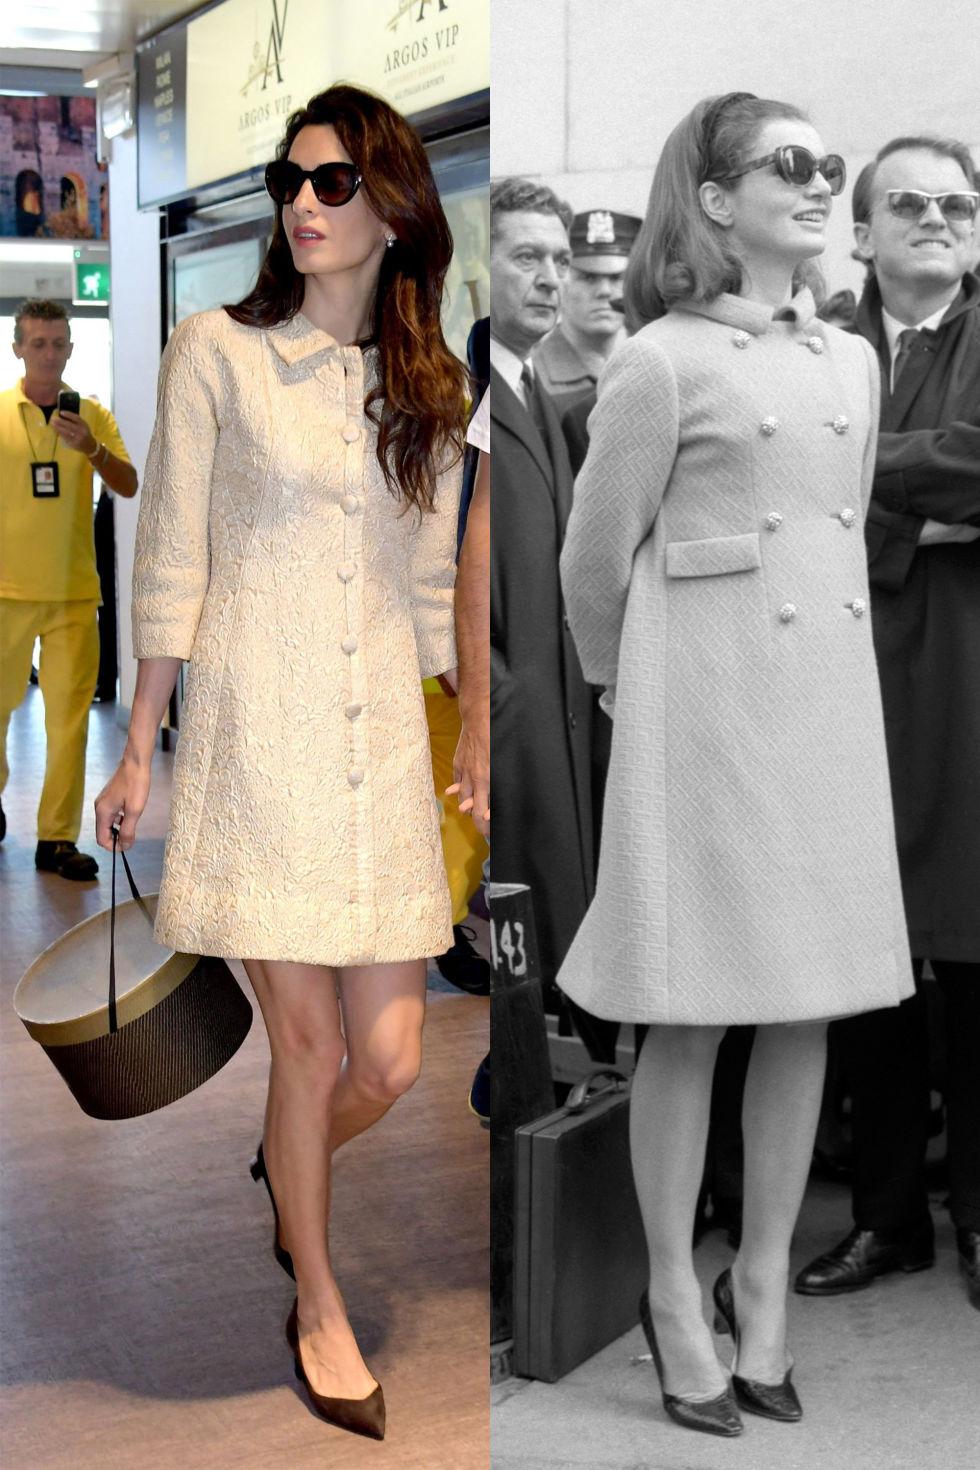 Едната снимка е от 2016, а другата от 1966 - разлика от 50 години и доказателство за абсолютна класика!